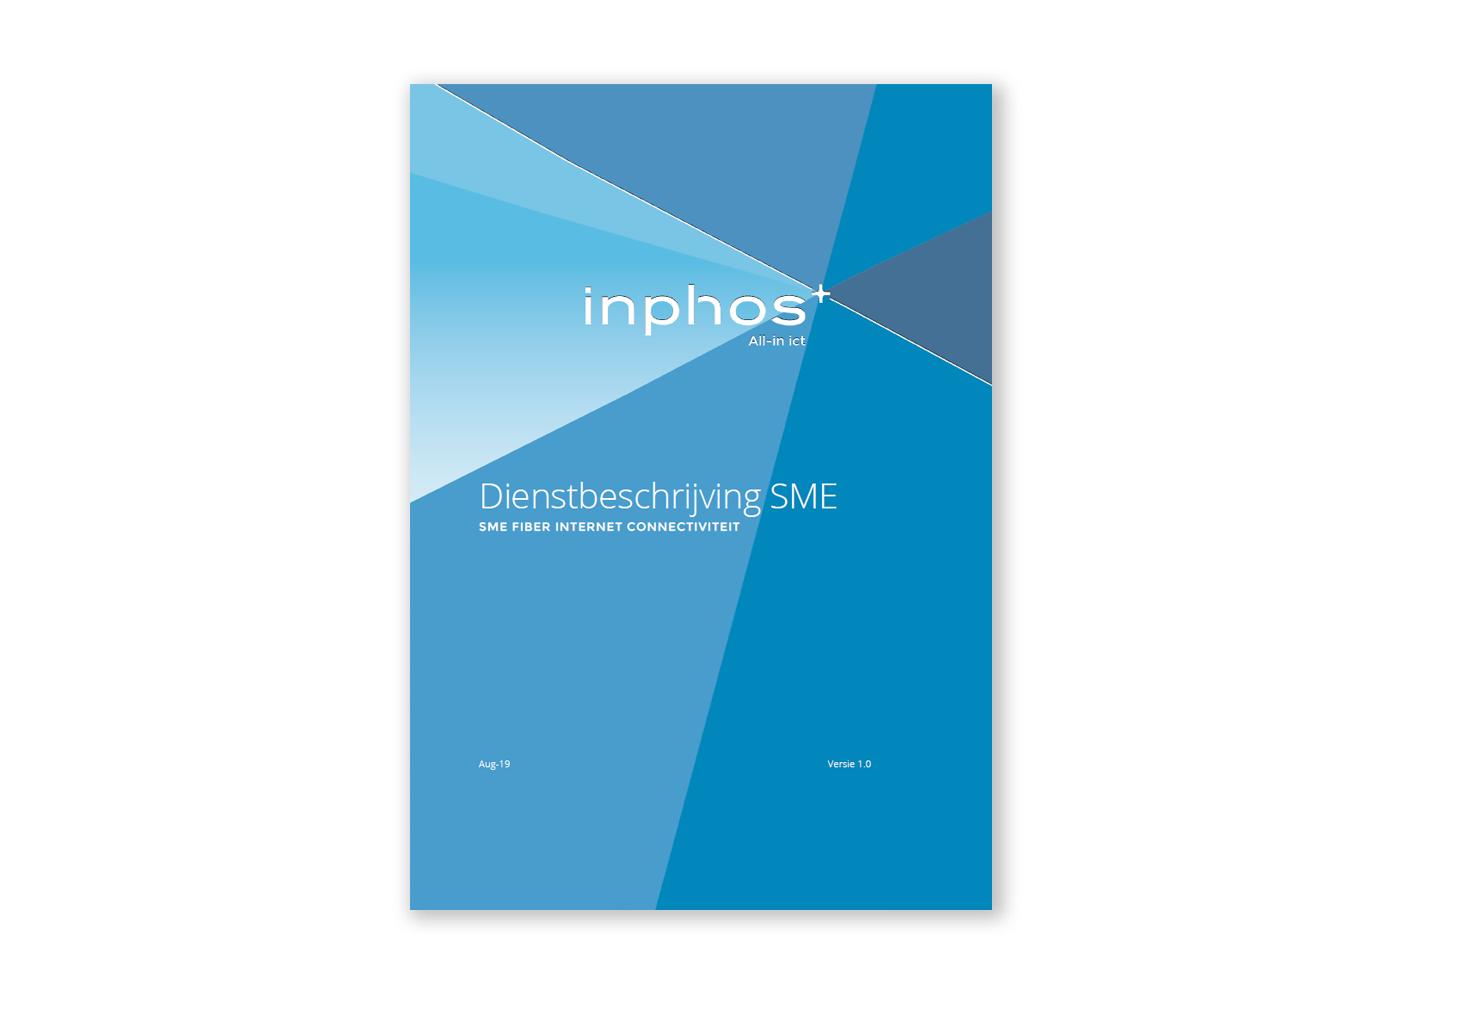 dienstbeschrijving inphos SME fiber